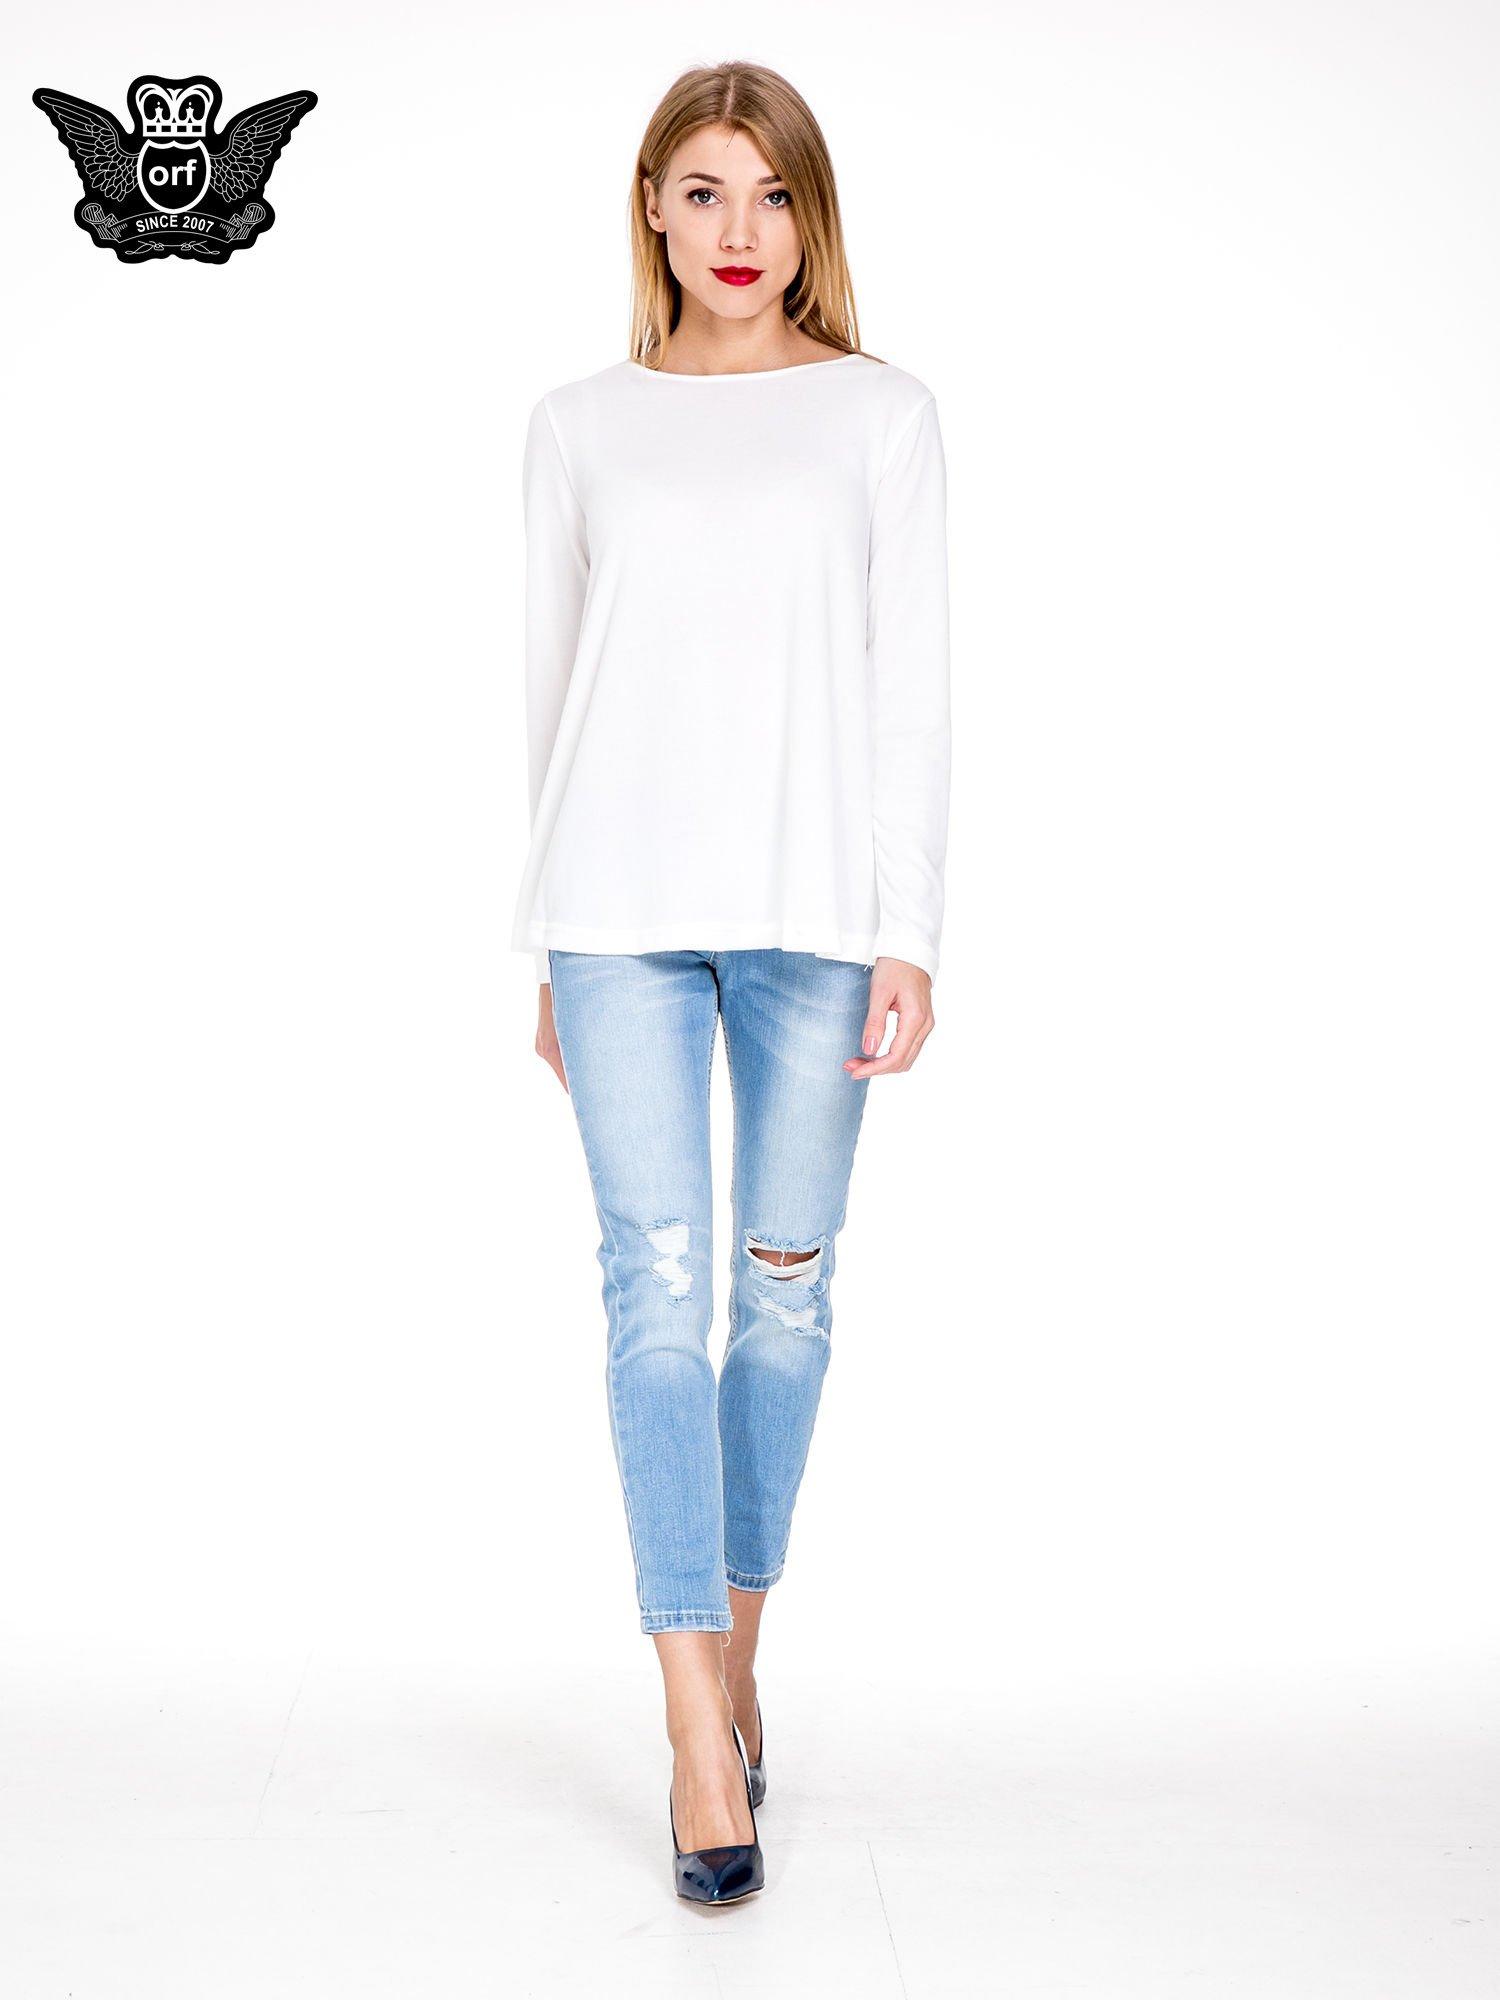 Jasnoniebieskie spodnie jeansowe o prostej nogawce z rozdarciami                                  zdj.                                  2